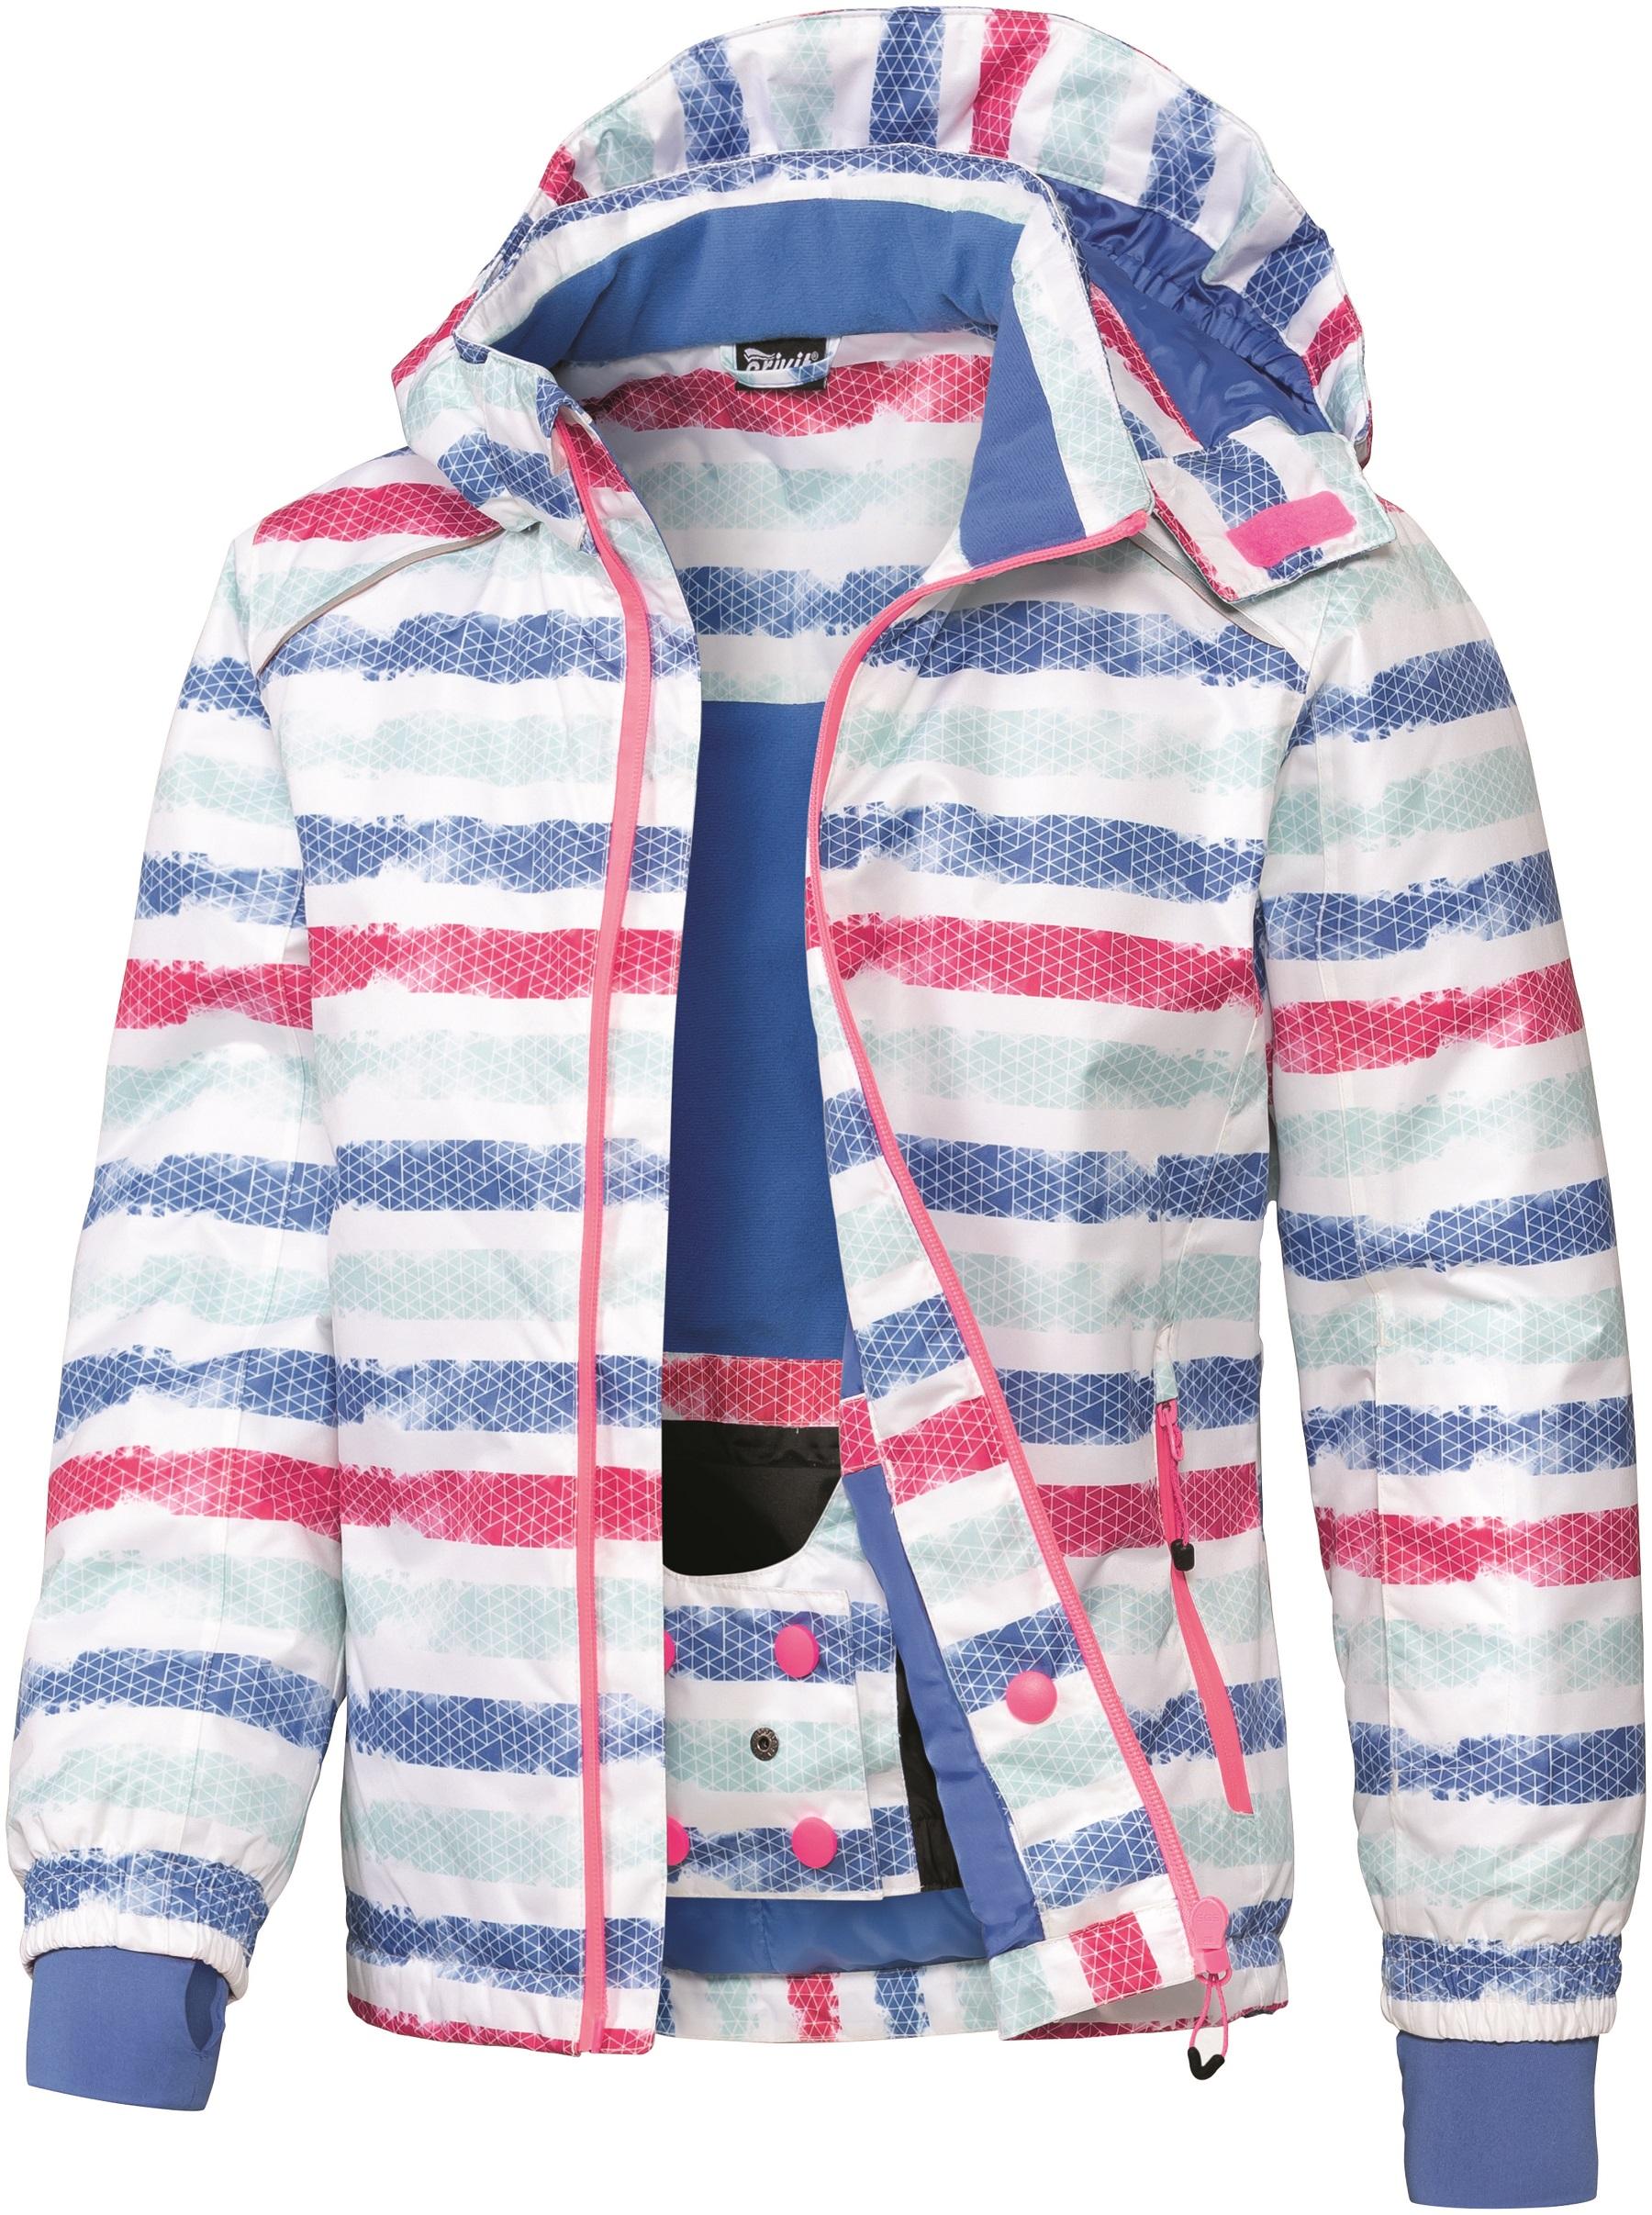 Girls Ski Jacket £12.99 (1).JPG